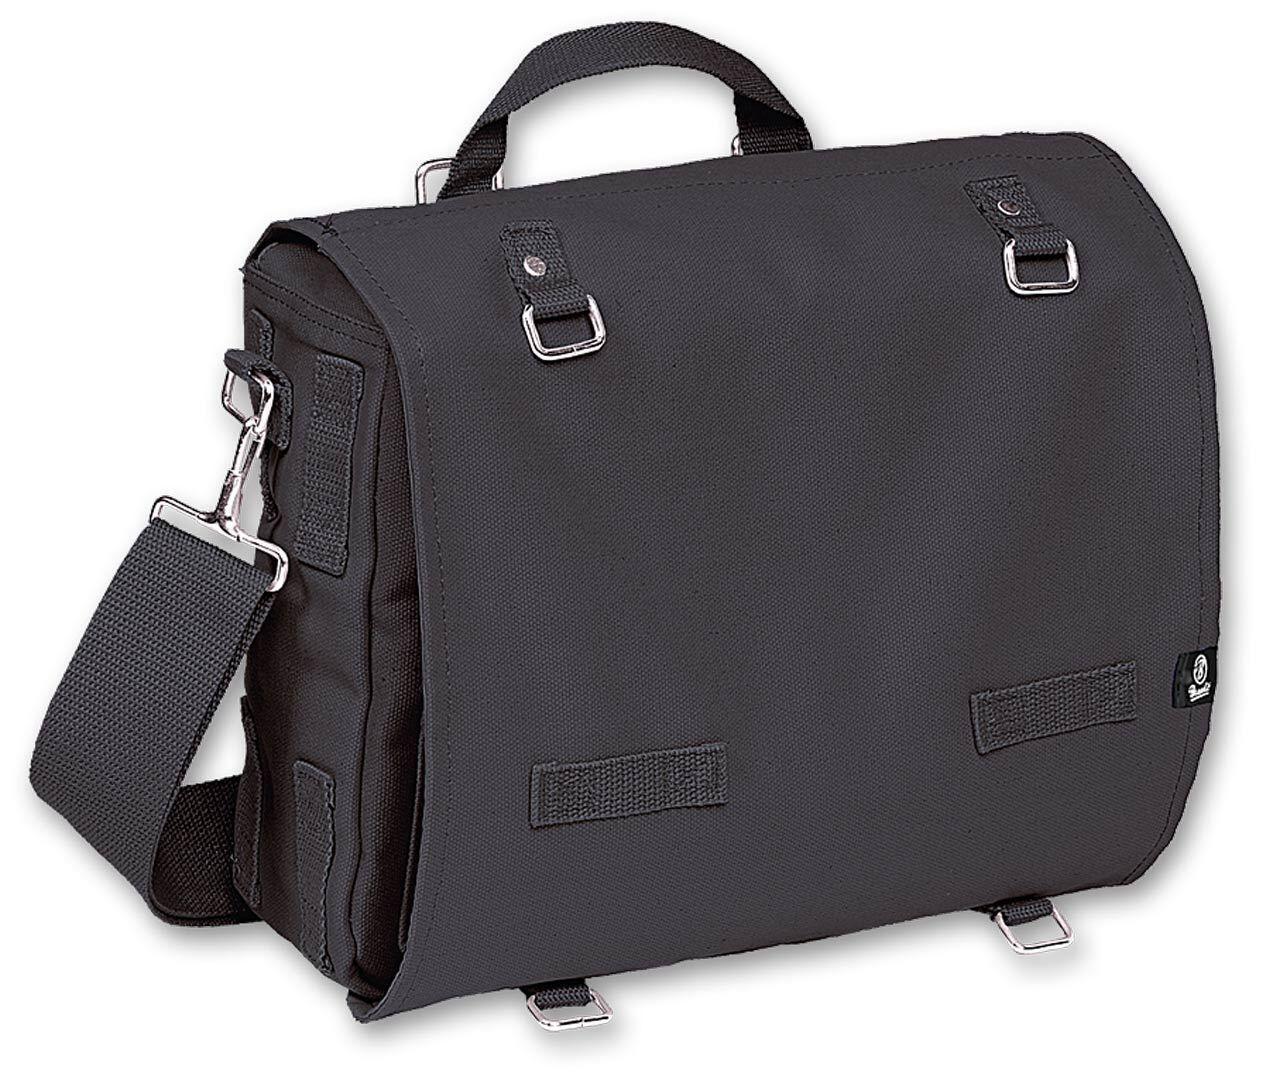 Brandit Canvas L Bag Black One Size